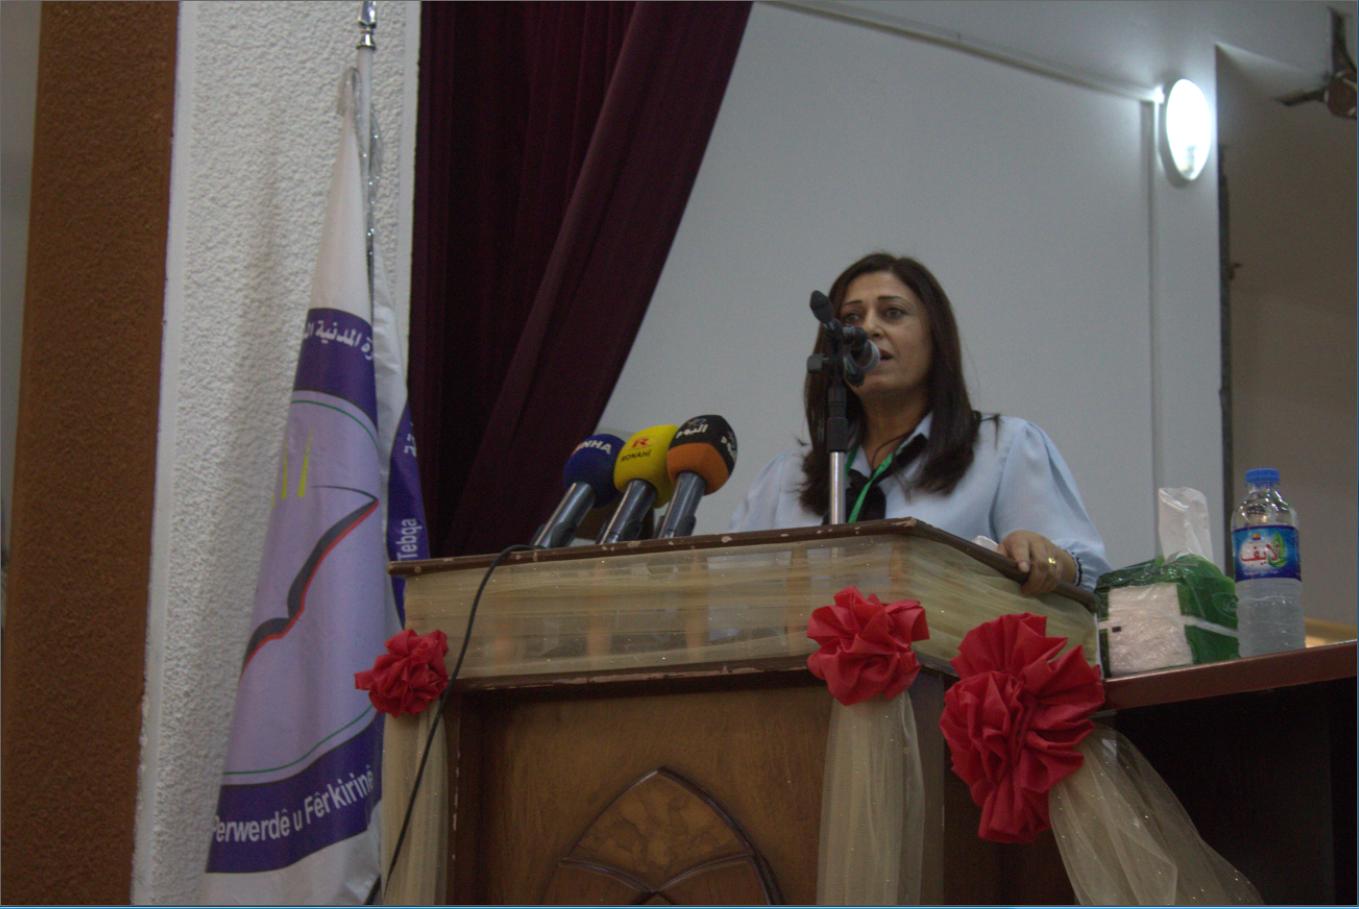 أمينة عمر: أي اتفاق لا يكون م س د مشاركاً فيه لا يمثلنا